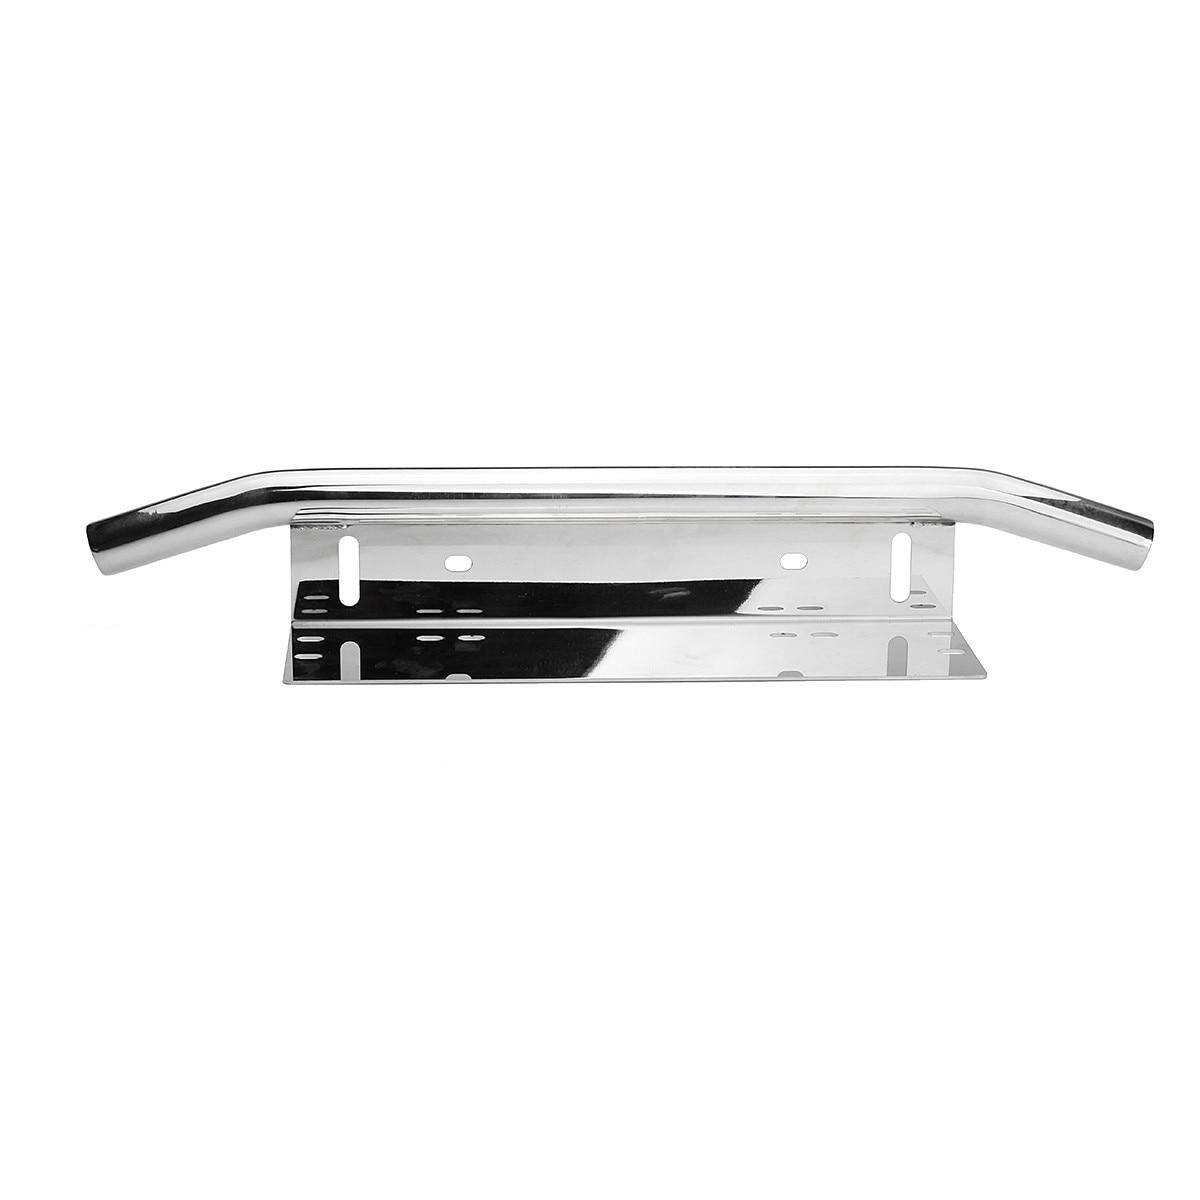 Silver Car Bull Bar Light Mounting Bracket Car License Plate Frame ...